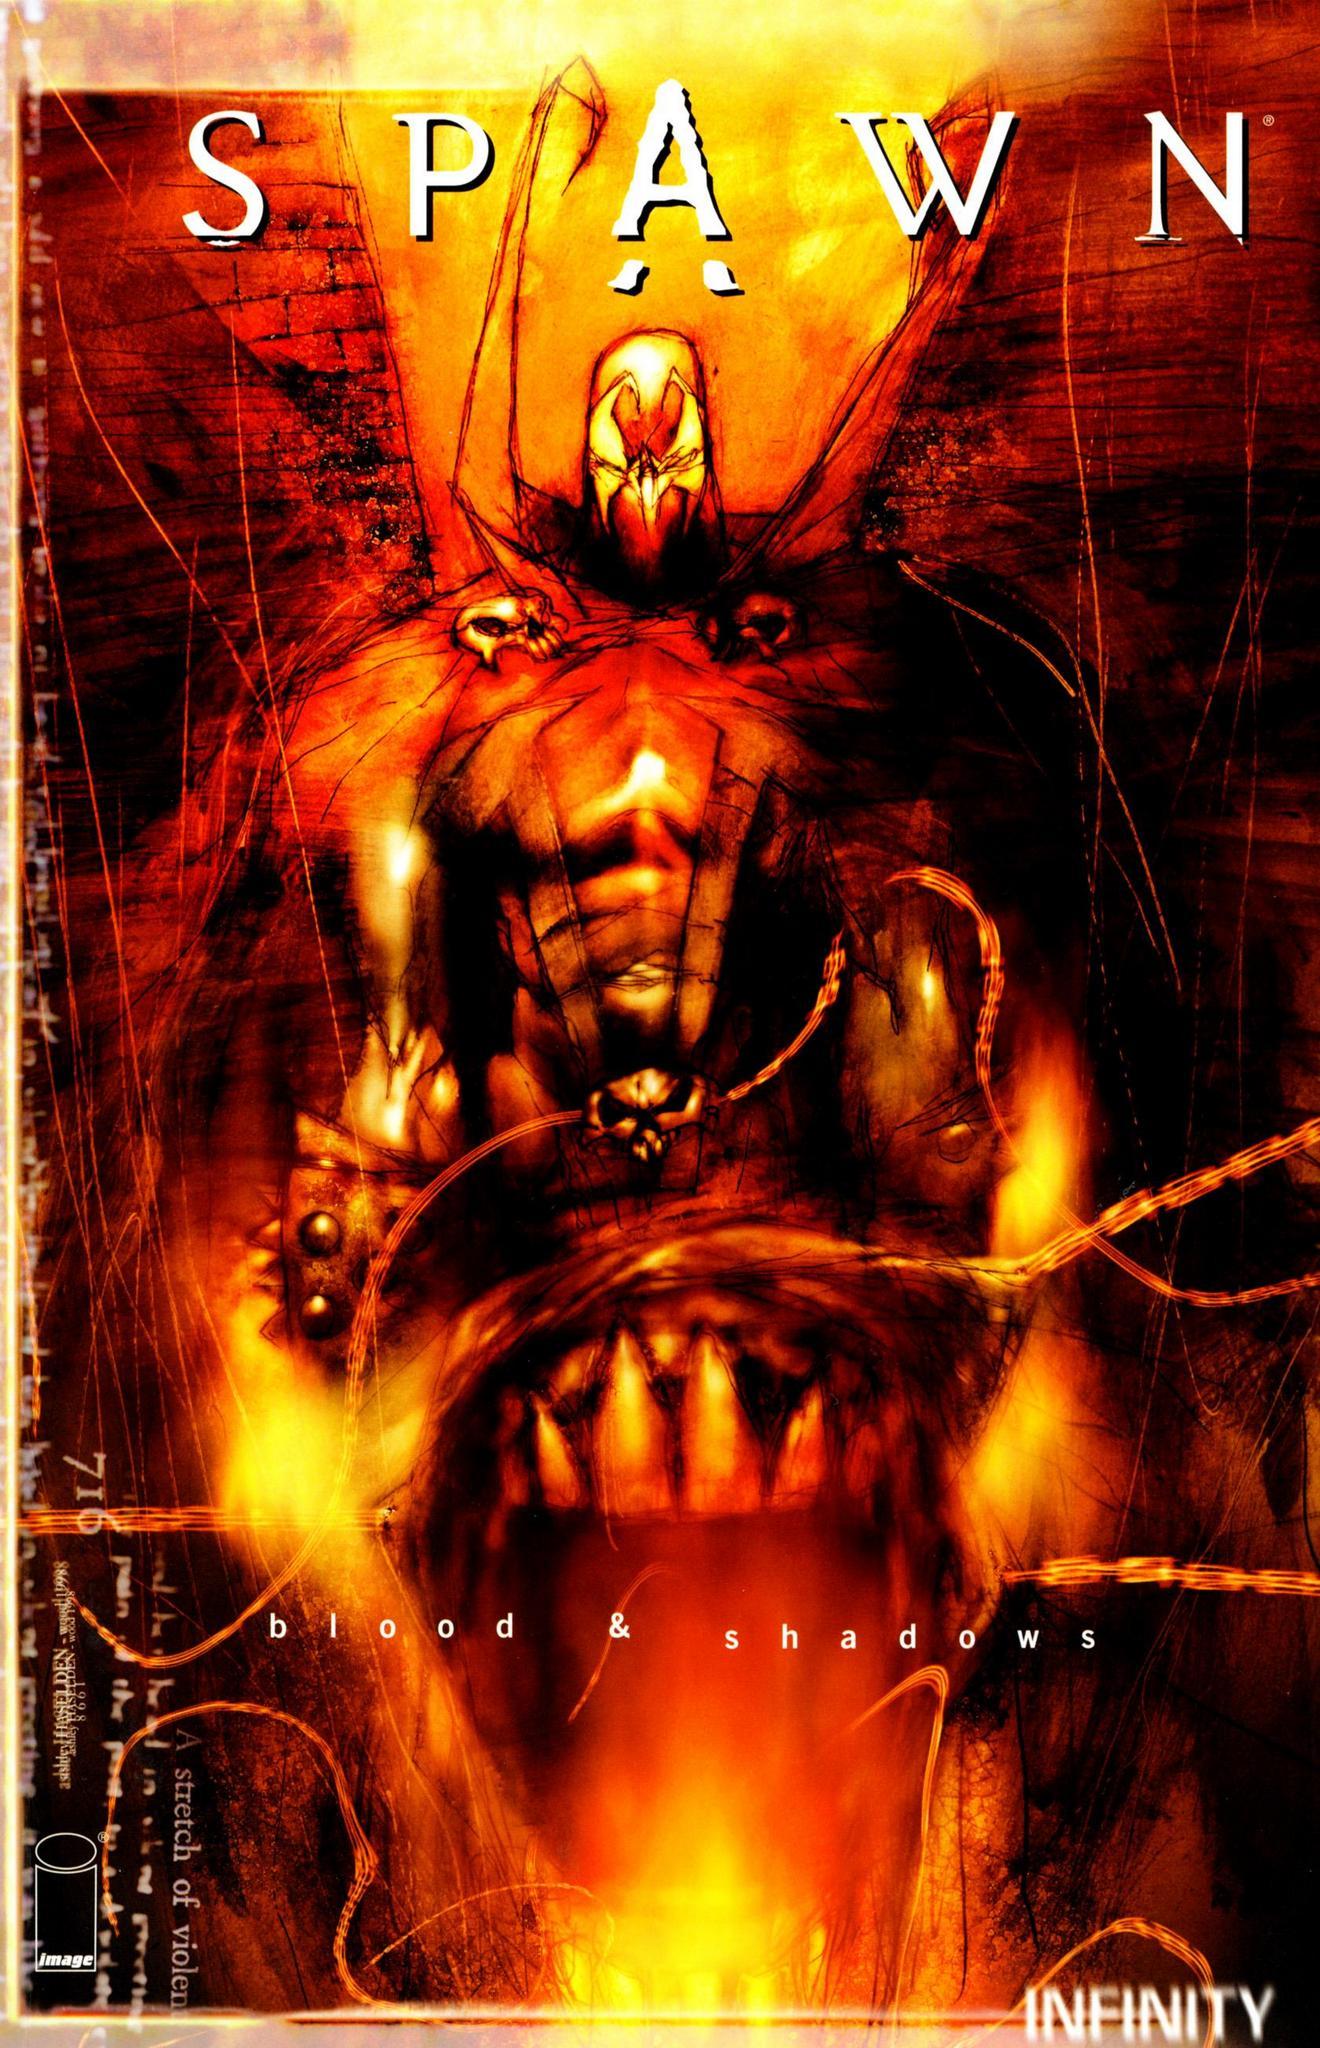 Spawn - Blood & Shadows (2000)